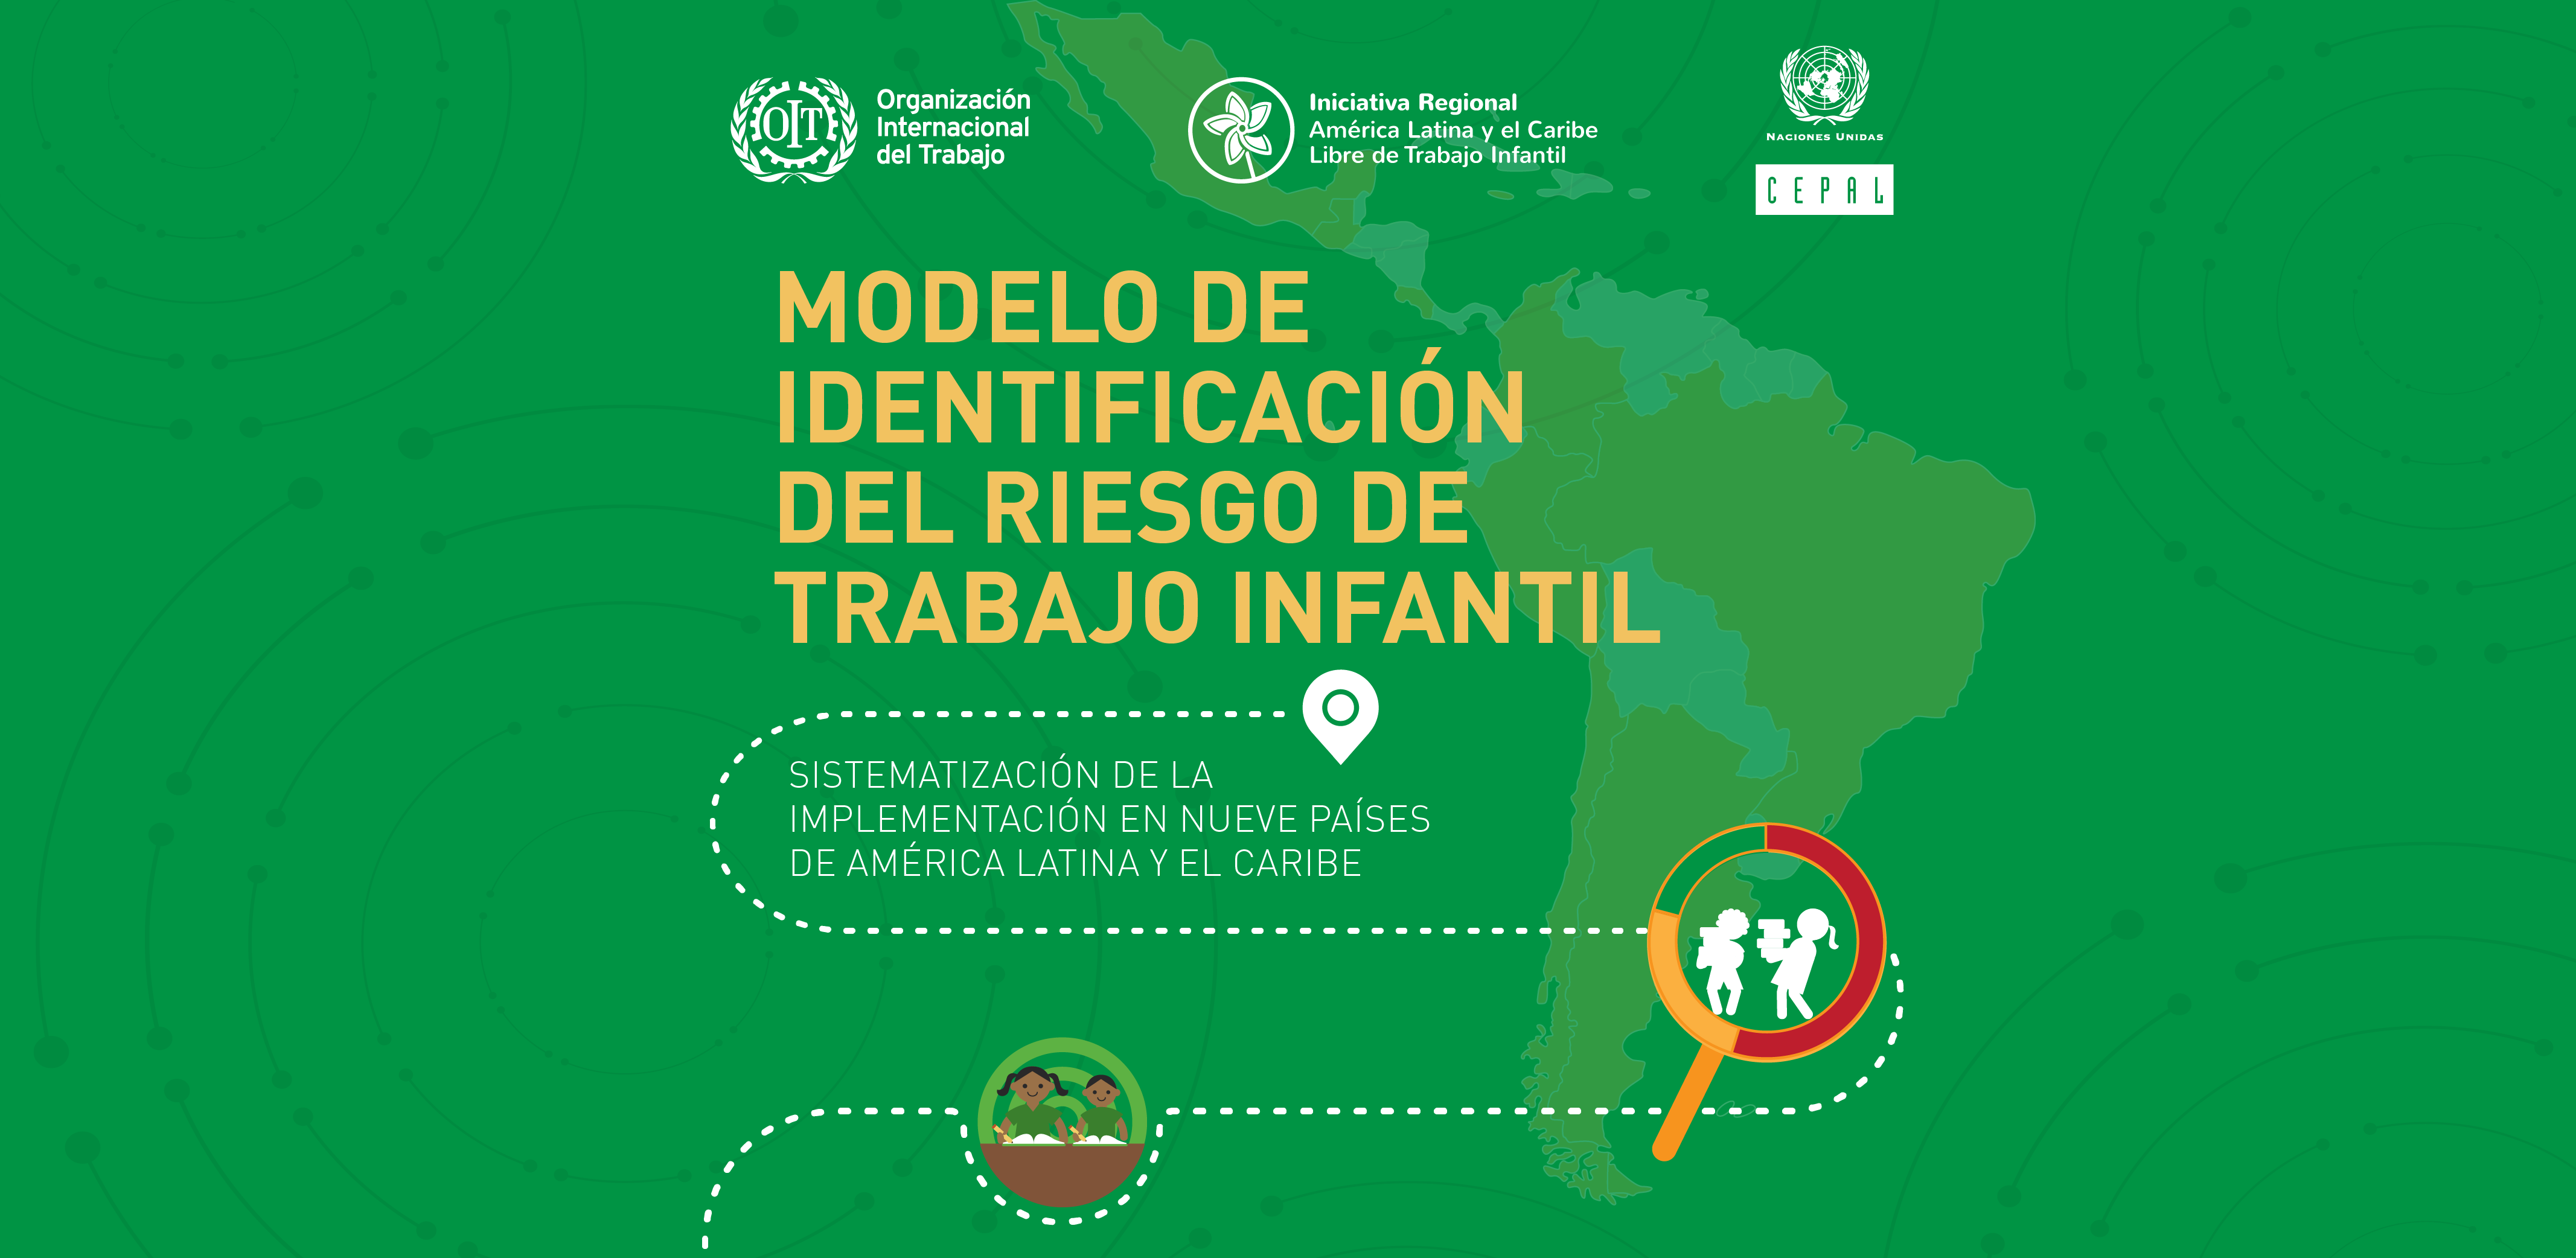 Nueve países de América Latina y el Caribe implementaron con éxito los modelos de riesgo de trabajo infantil